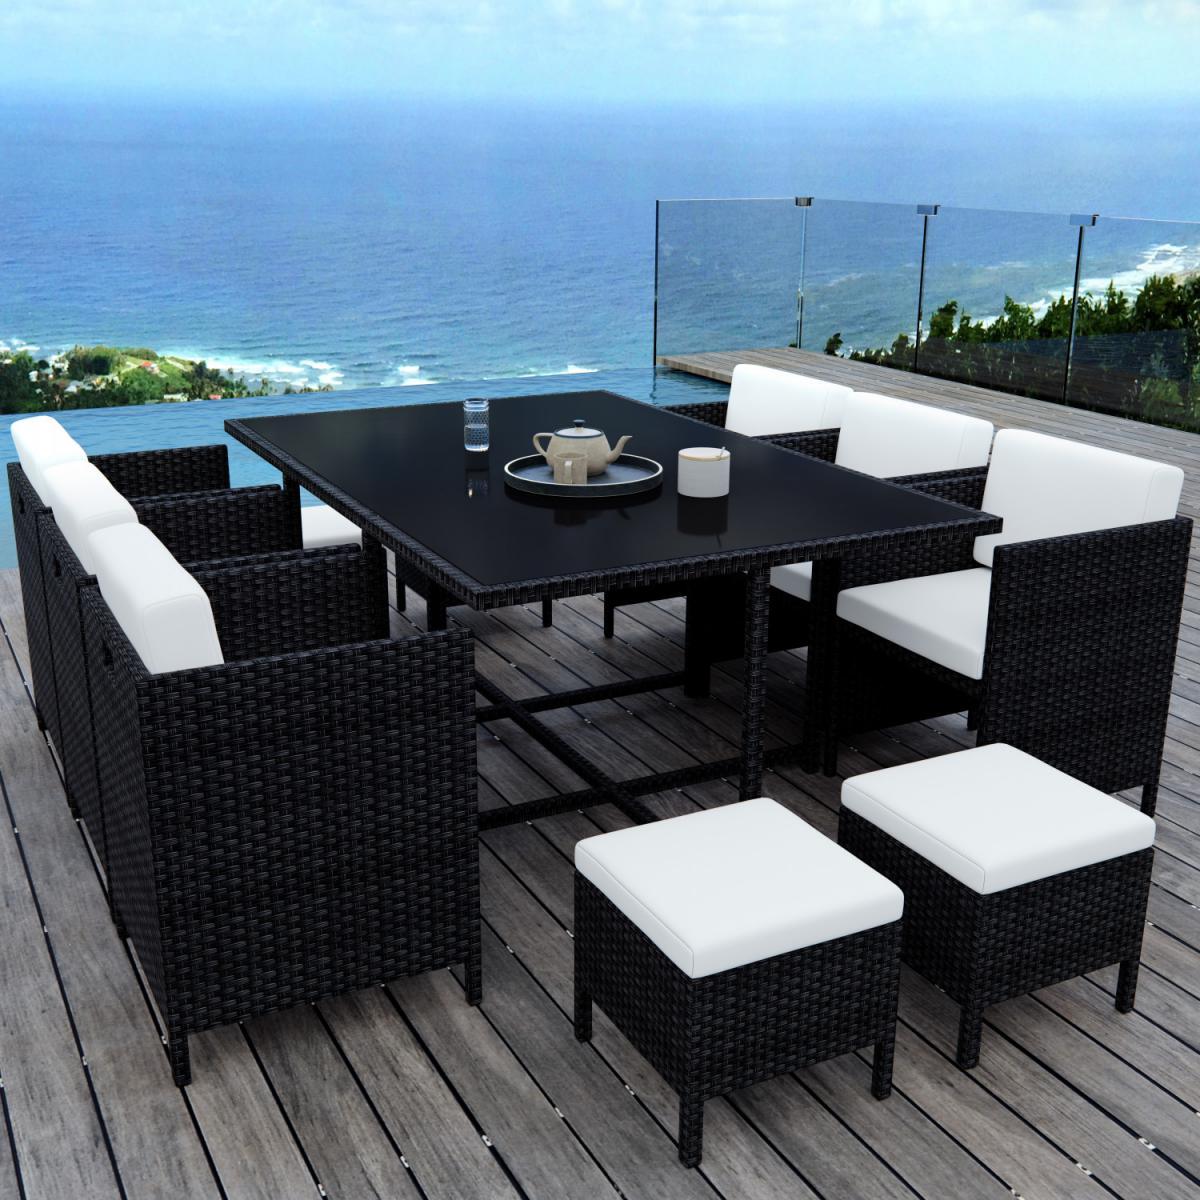 Avril Paris MUNGA 10 Places - Ensemble encastrable salon / table de jardin résine tressée - Noir/Ecru